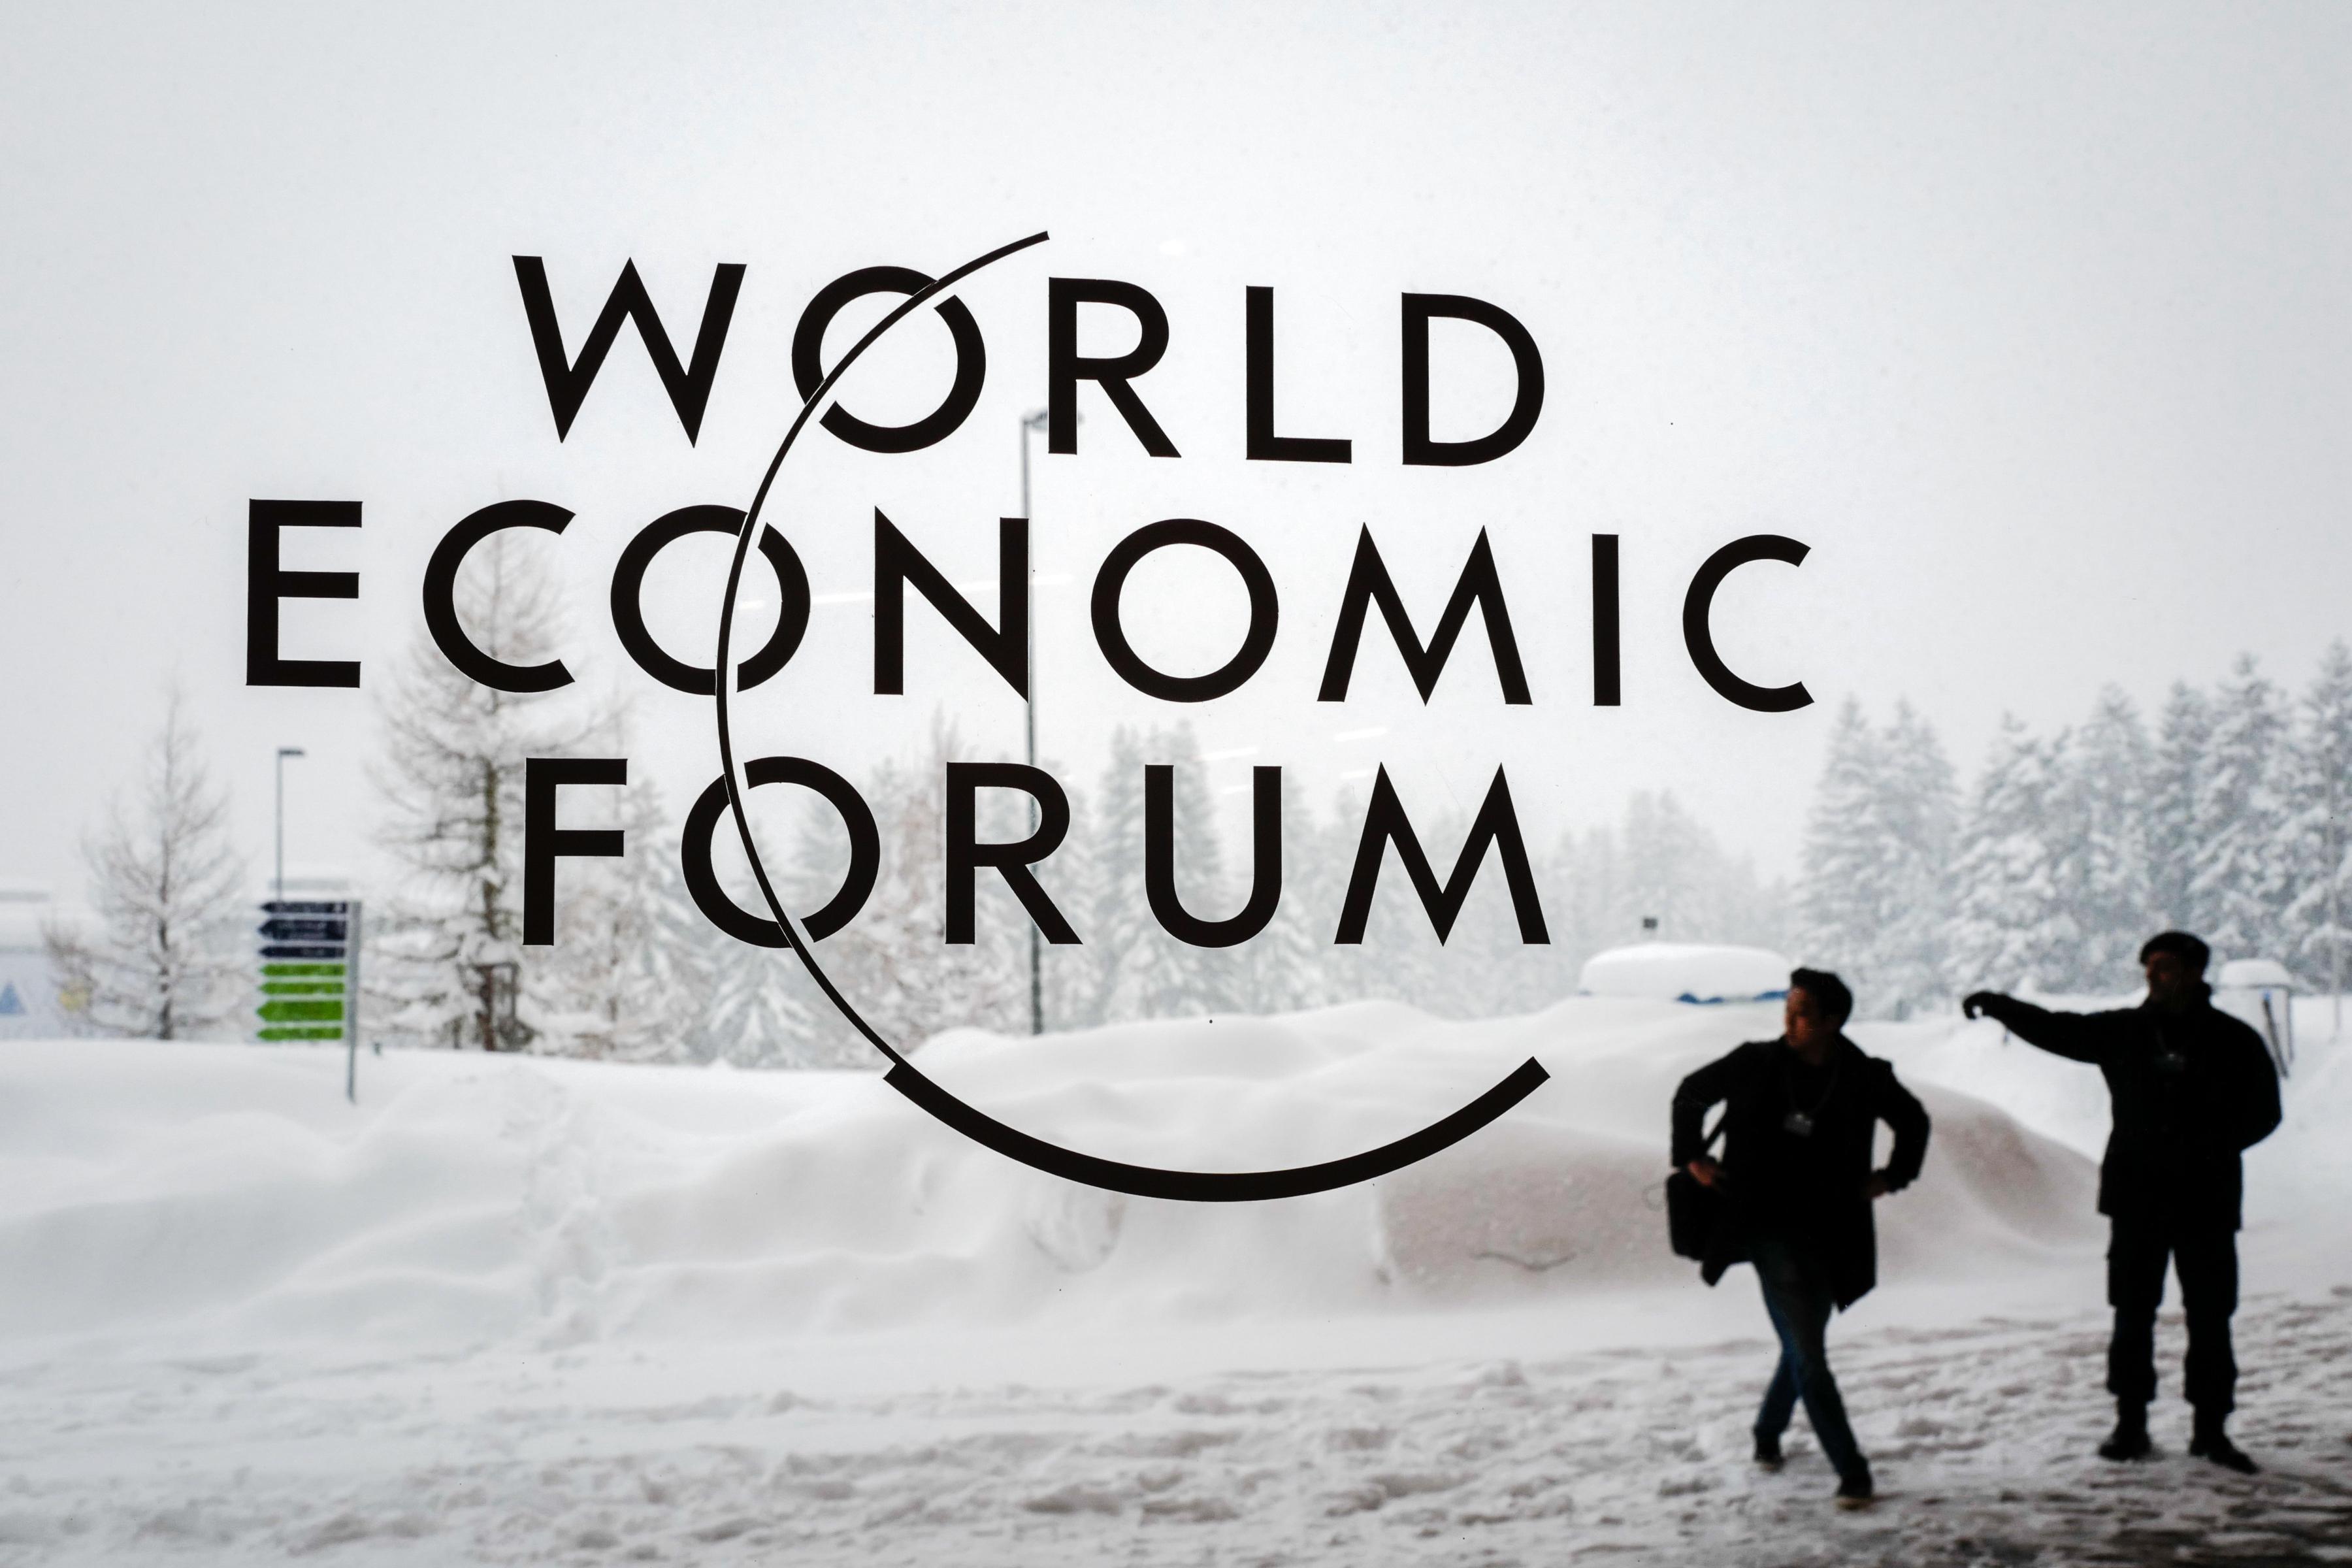 Un guardia de seguridad muestra la dirección a un asistente del foro económico de Davos (AFP PHOTO / Fabrice COFFRINI)